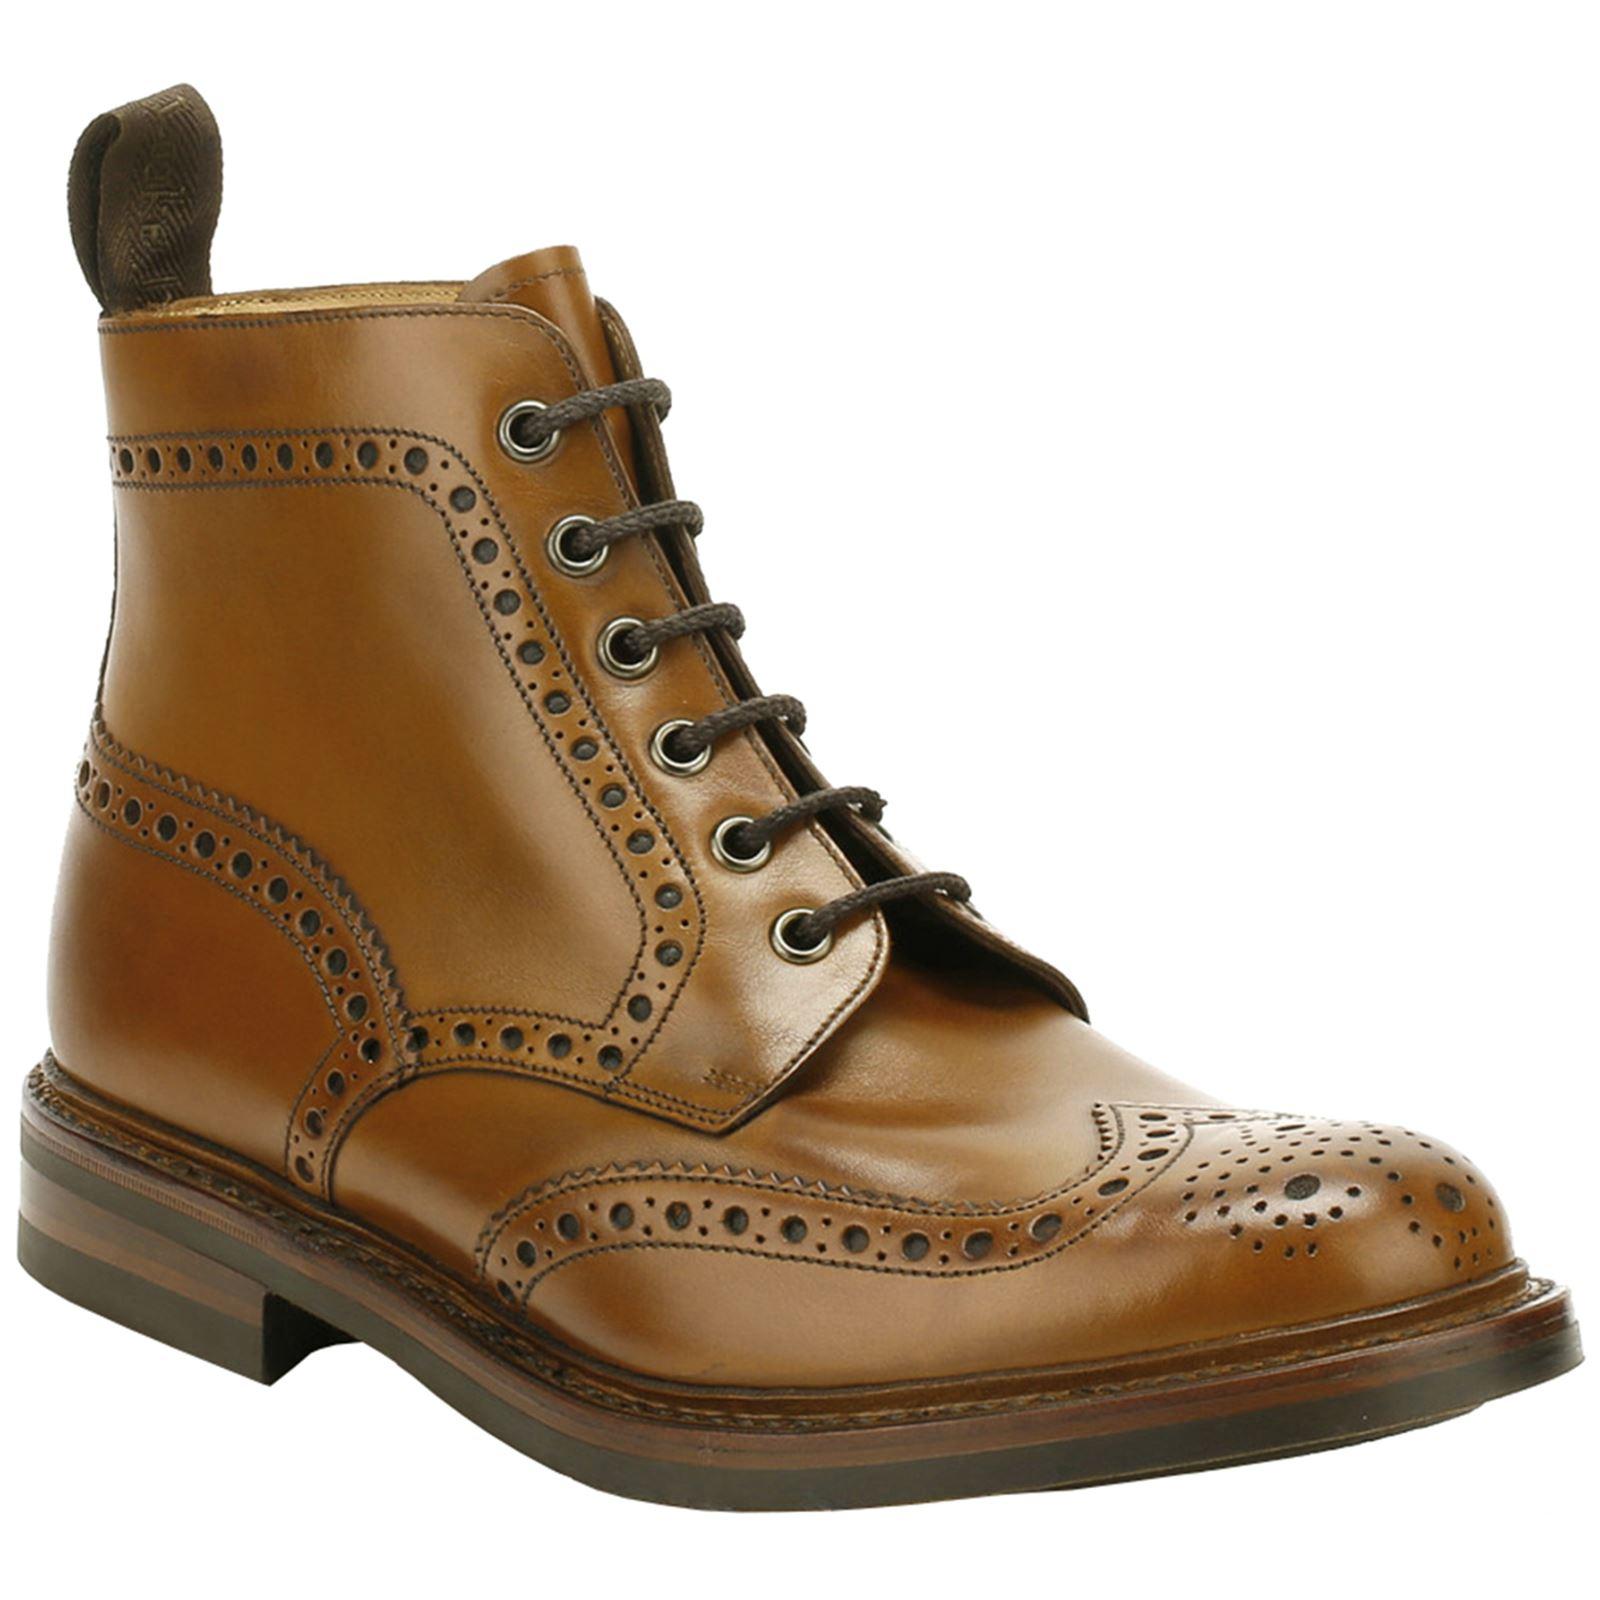 Dettagli su Loake Bedale Tan da uomo in pelle CALATA all'inglese Alla Caviglia Stivali Lace Up mostra il titolo originale